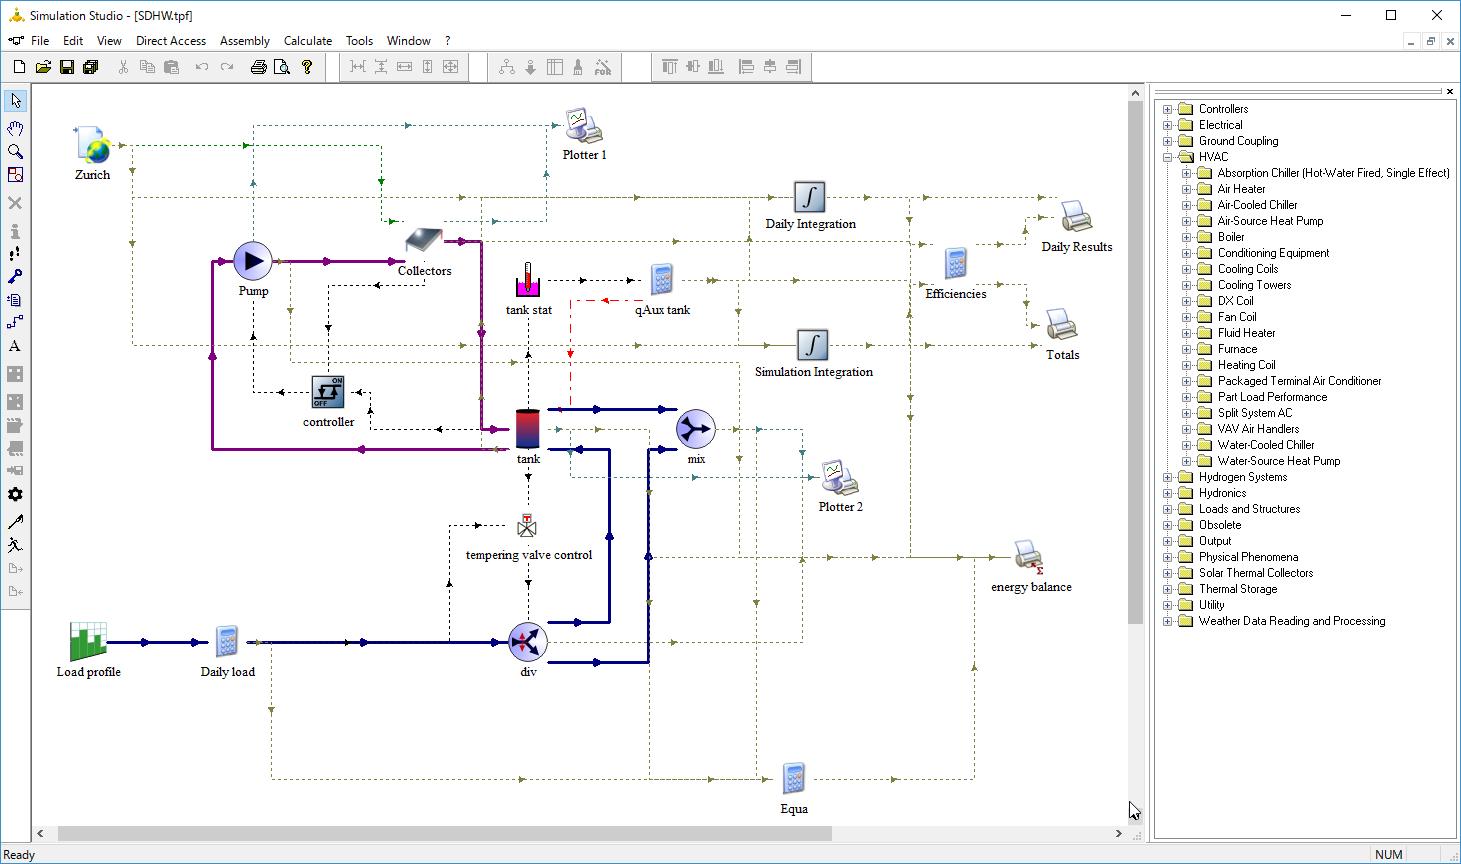 SimulationStudio